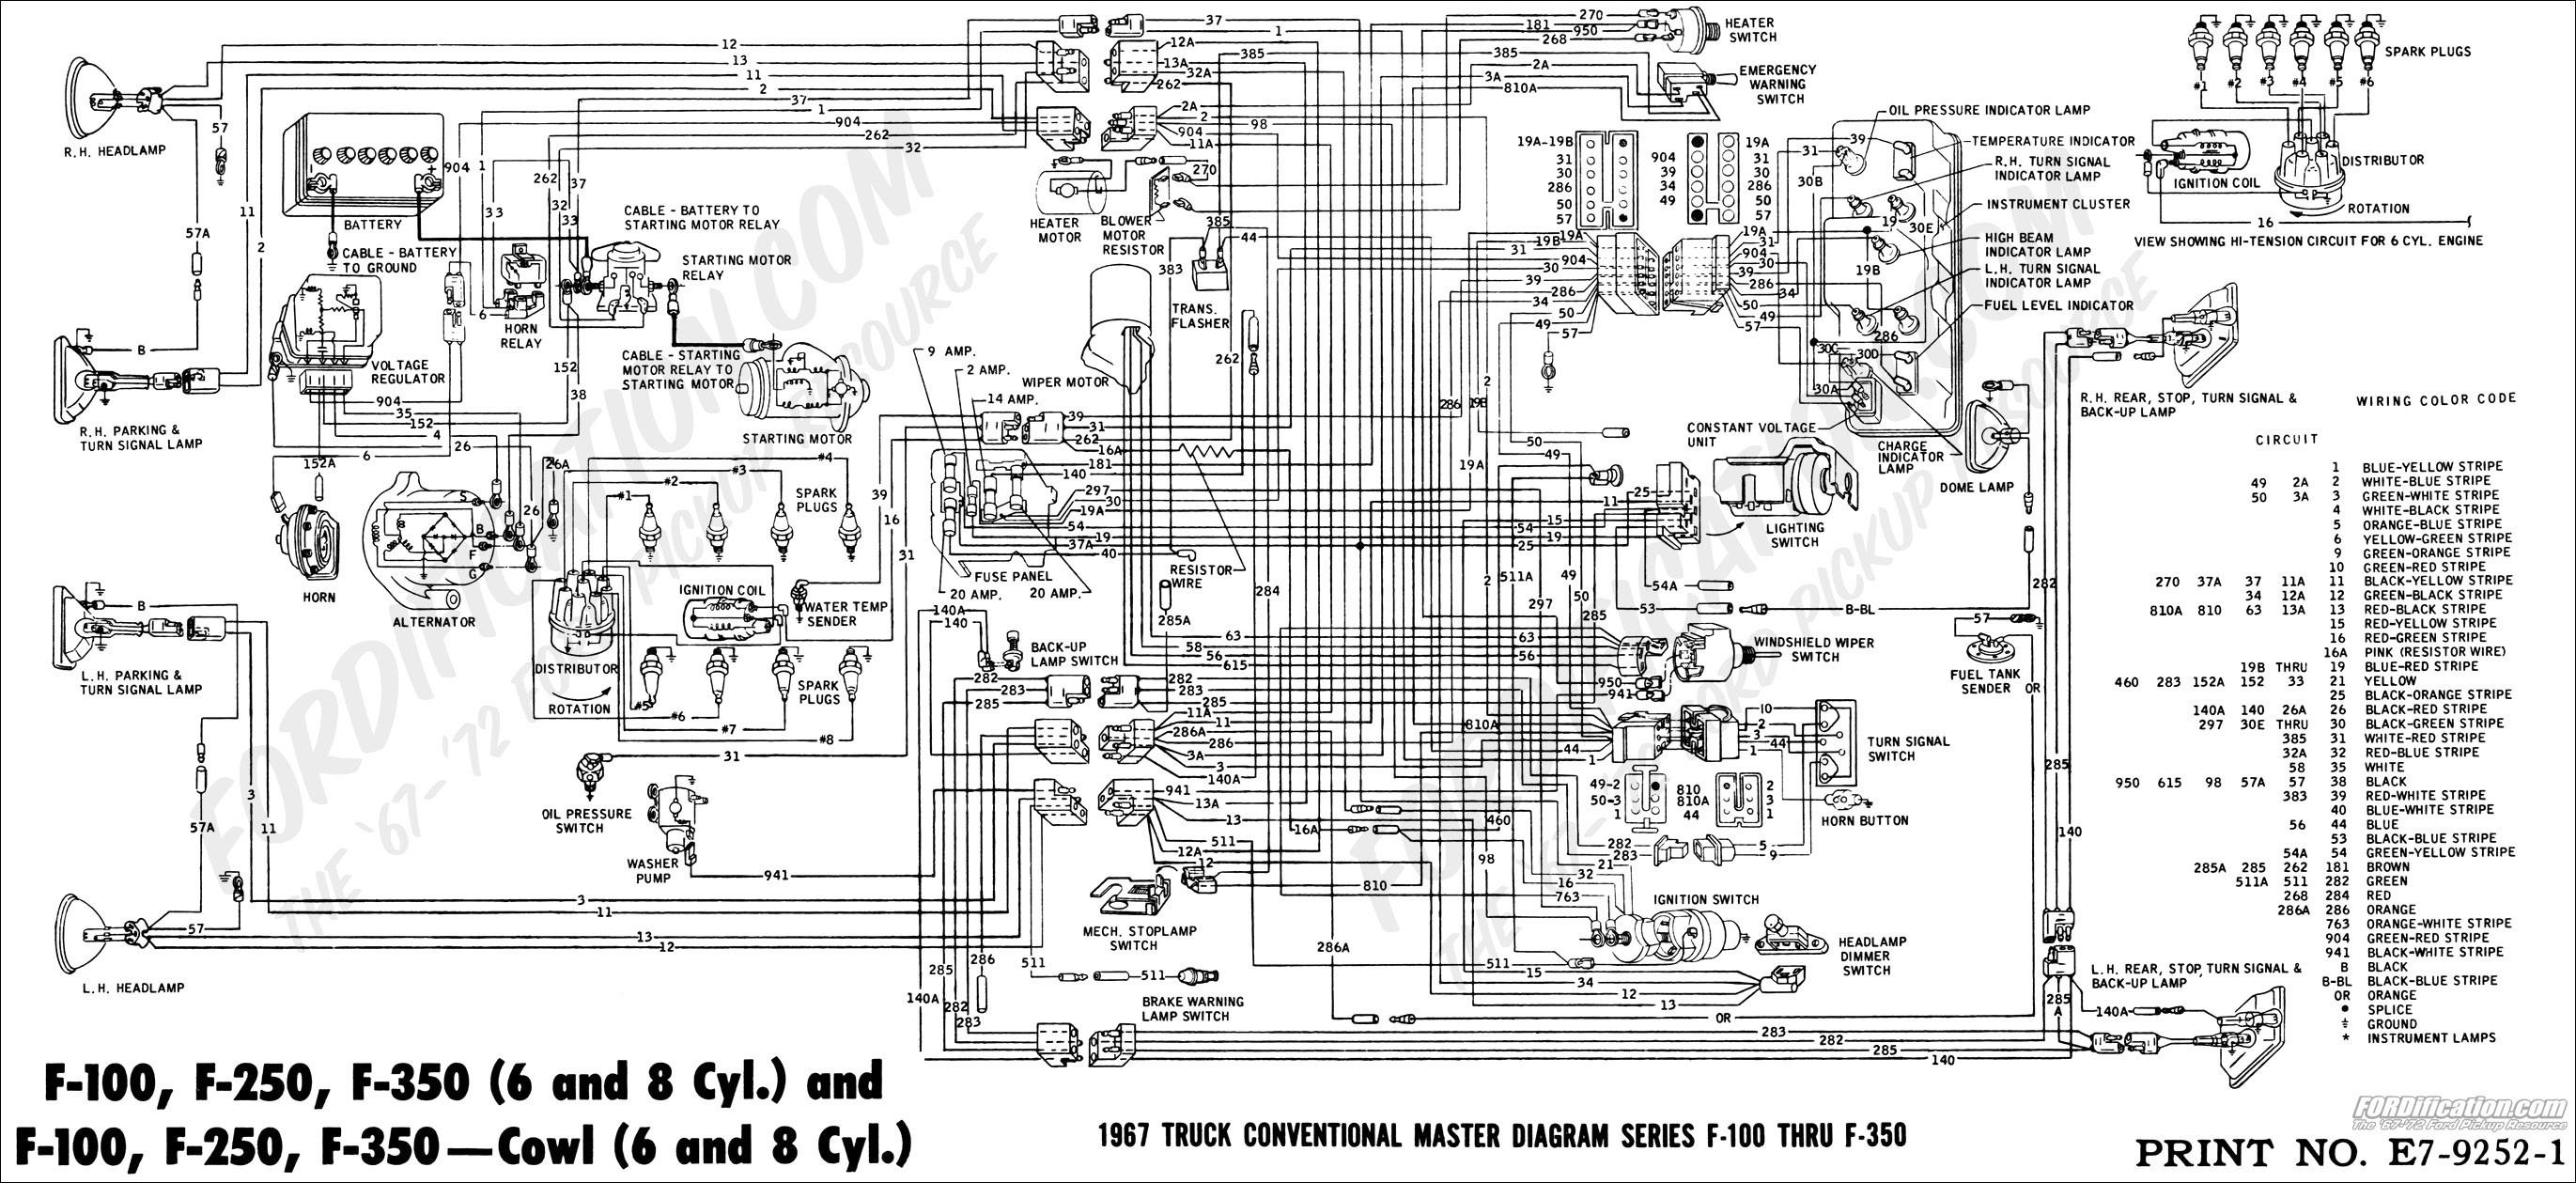 2001 ford F150 Engine Diagram 2001 ford F 150 Wiring Diagram for 4×4 Wiring Diagram toolbox Of 2001 ford F150 Engine Diagram